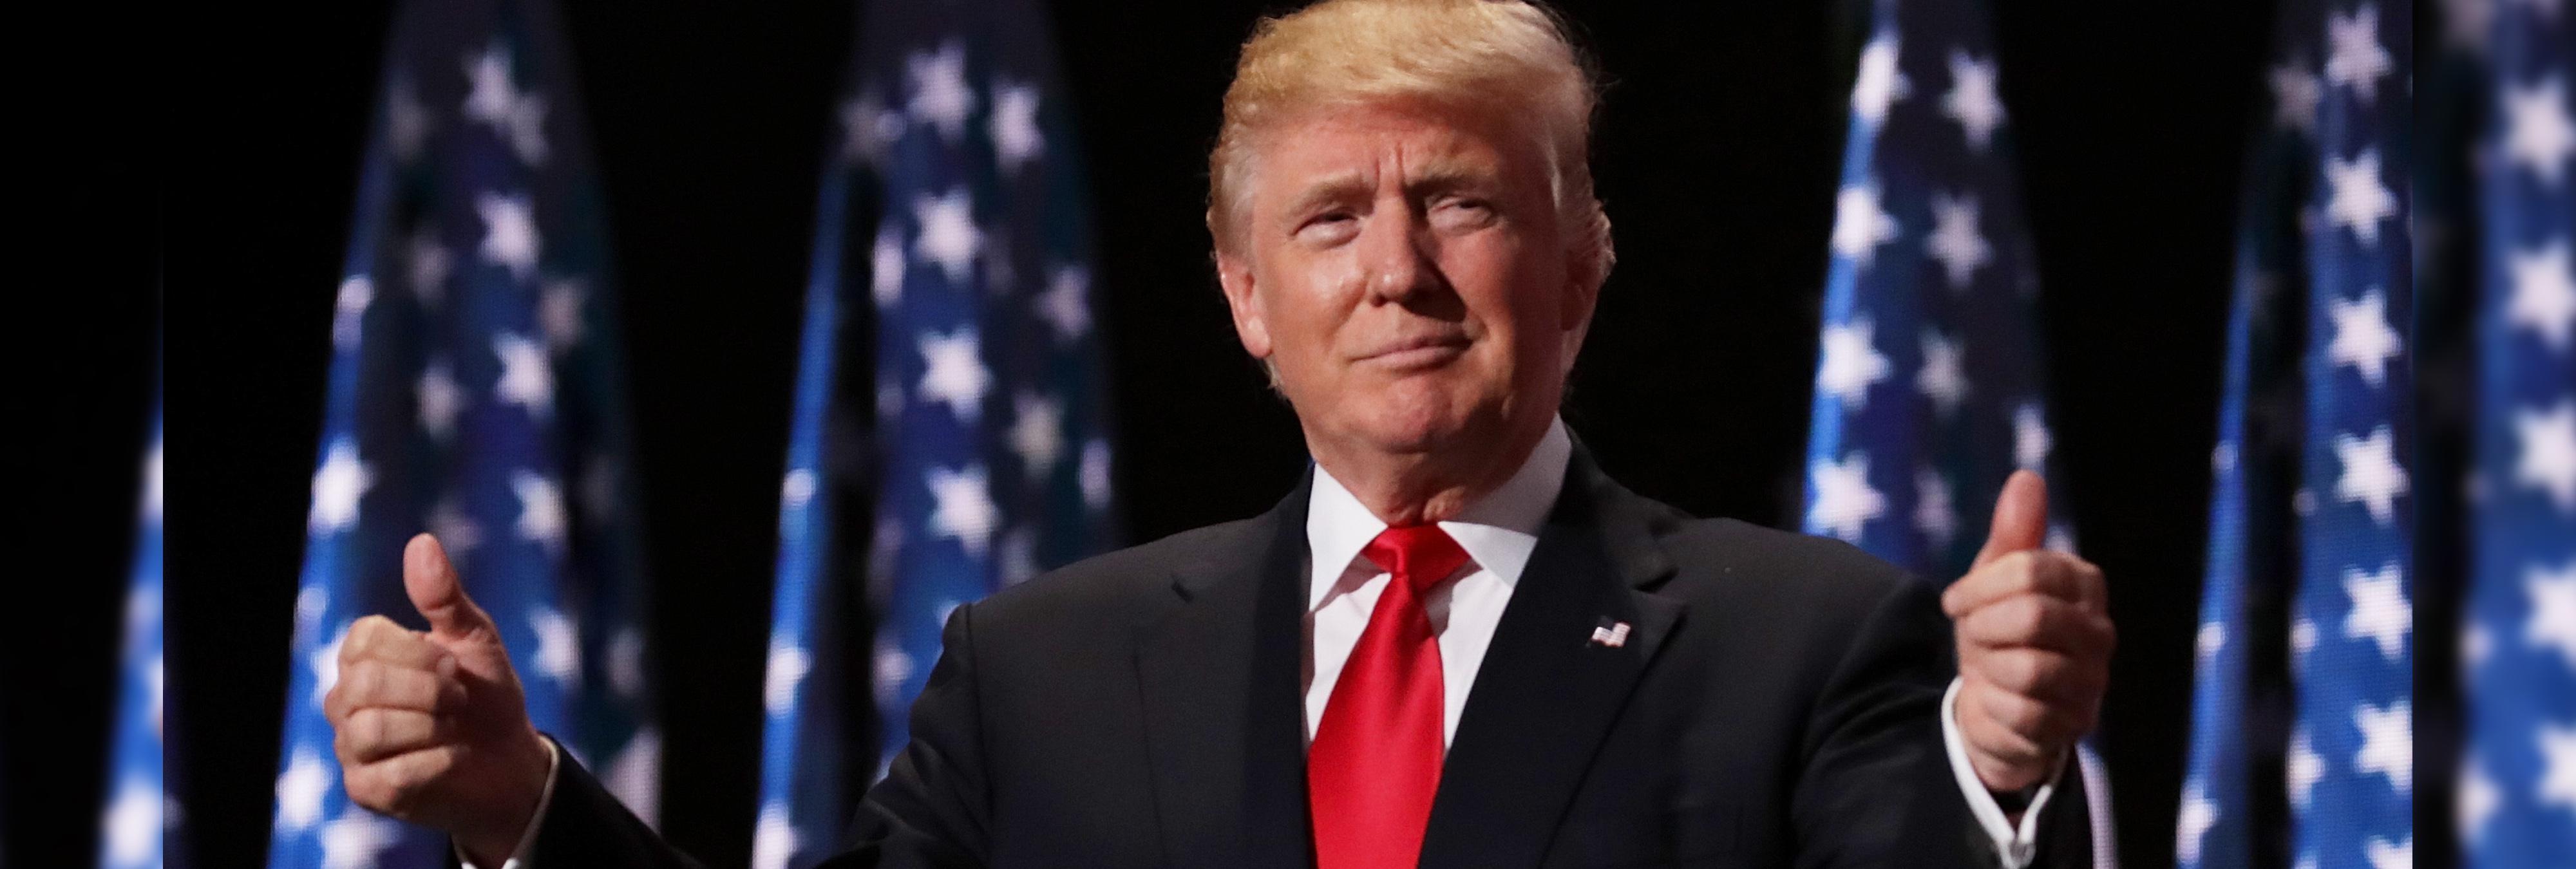 """Donald Trump quitará las ayudas a niños y ancianos desnutridos por """"ahorrar"""""""